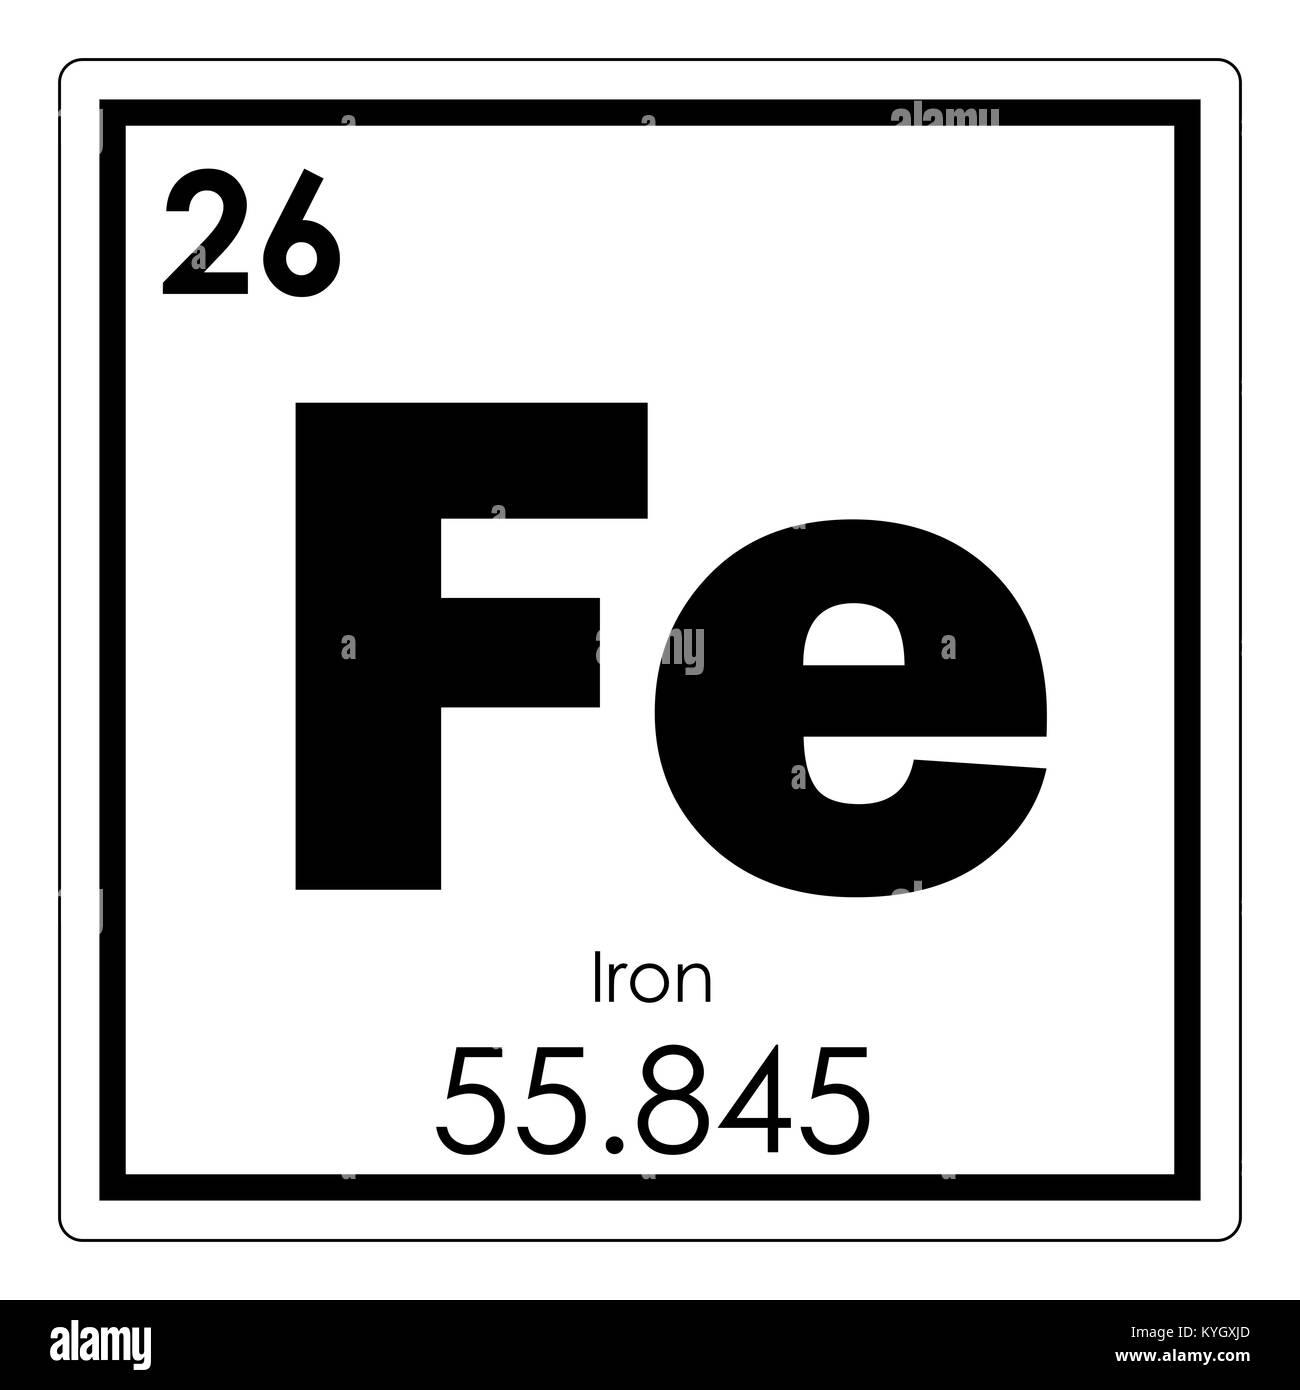 tabla peridica de elementos qumicos de hierro smbolo de ciencia - Tabla Periodica De Los Elementos Hierro